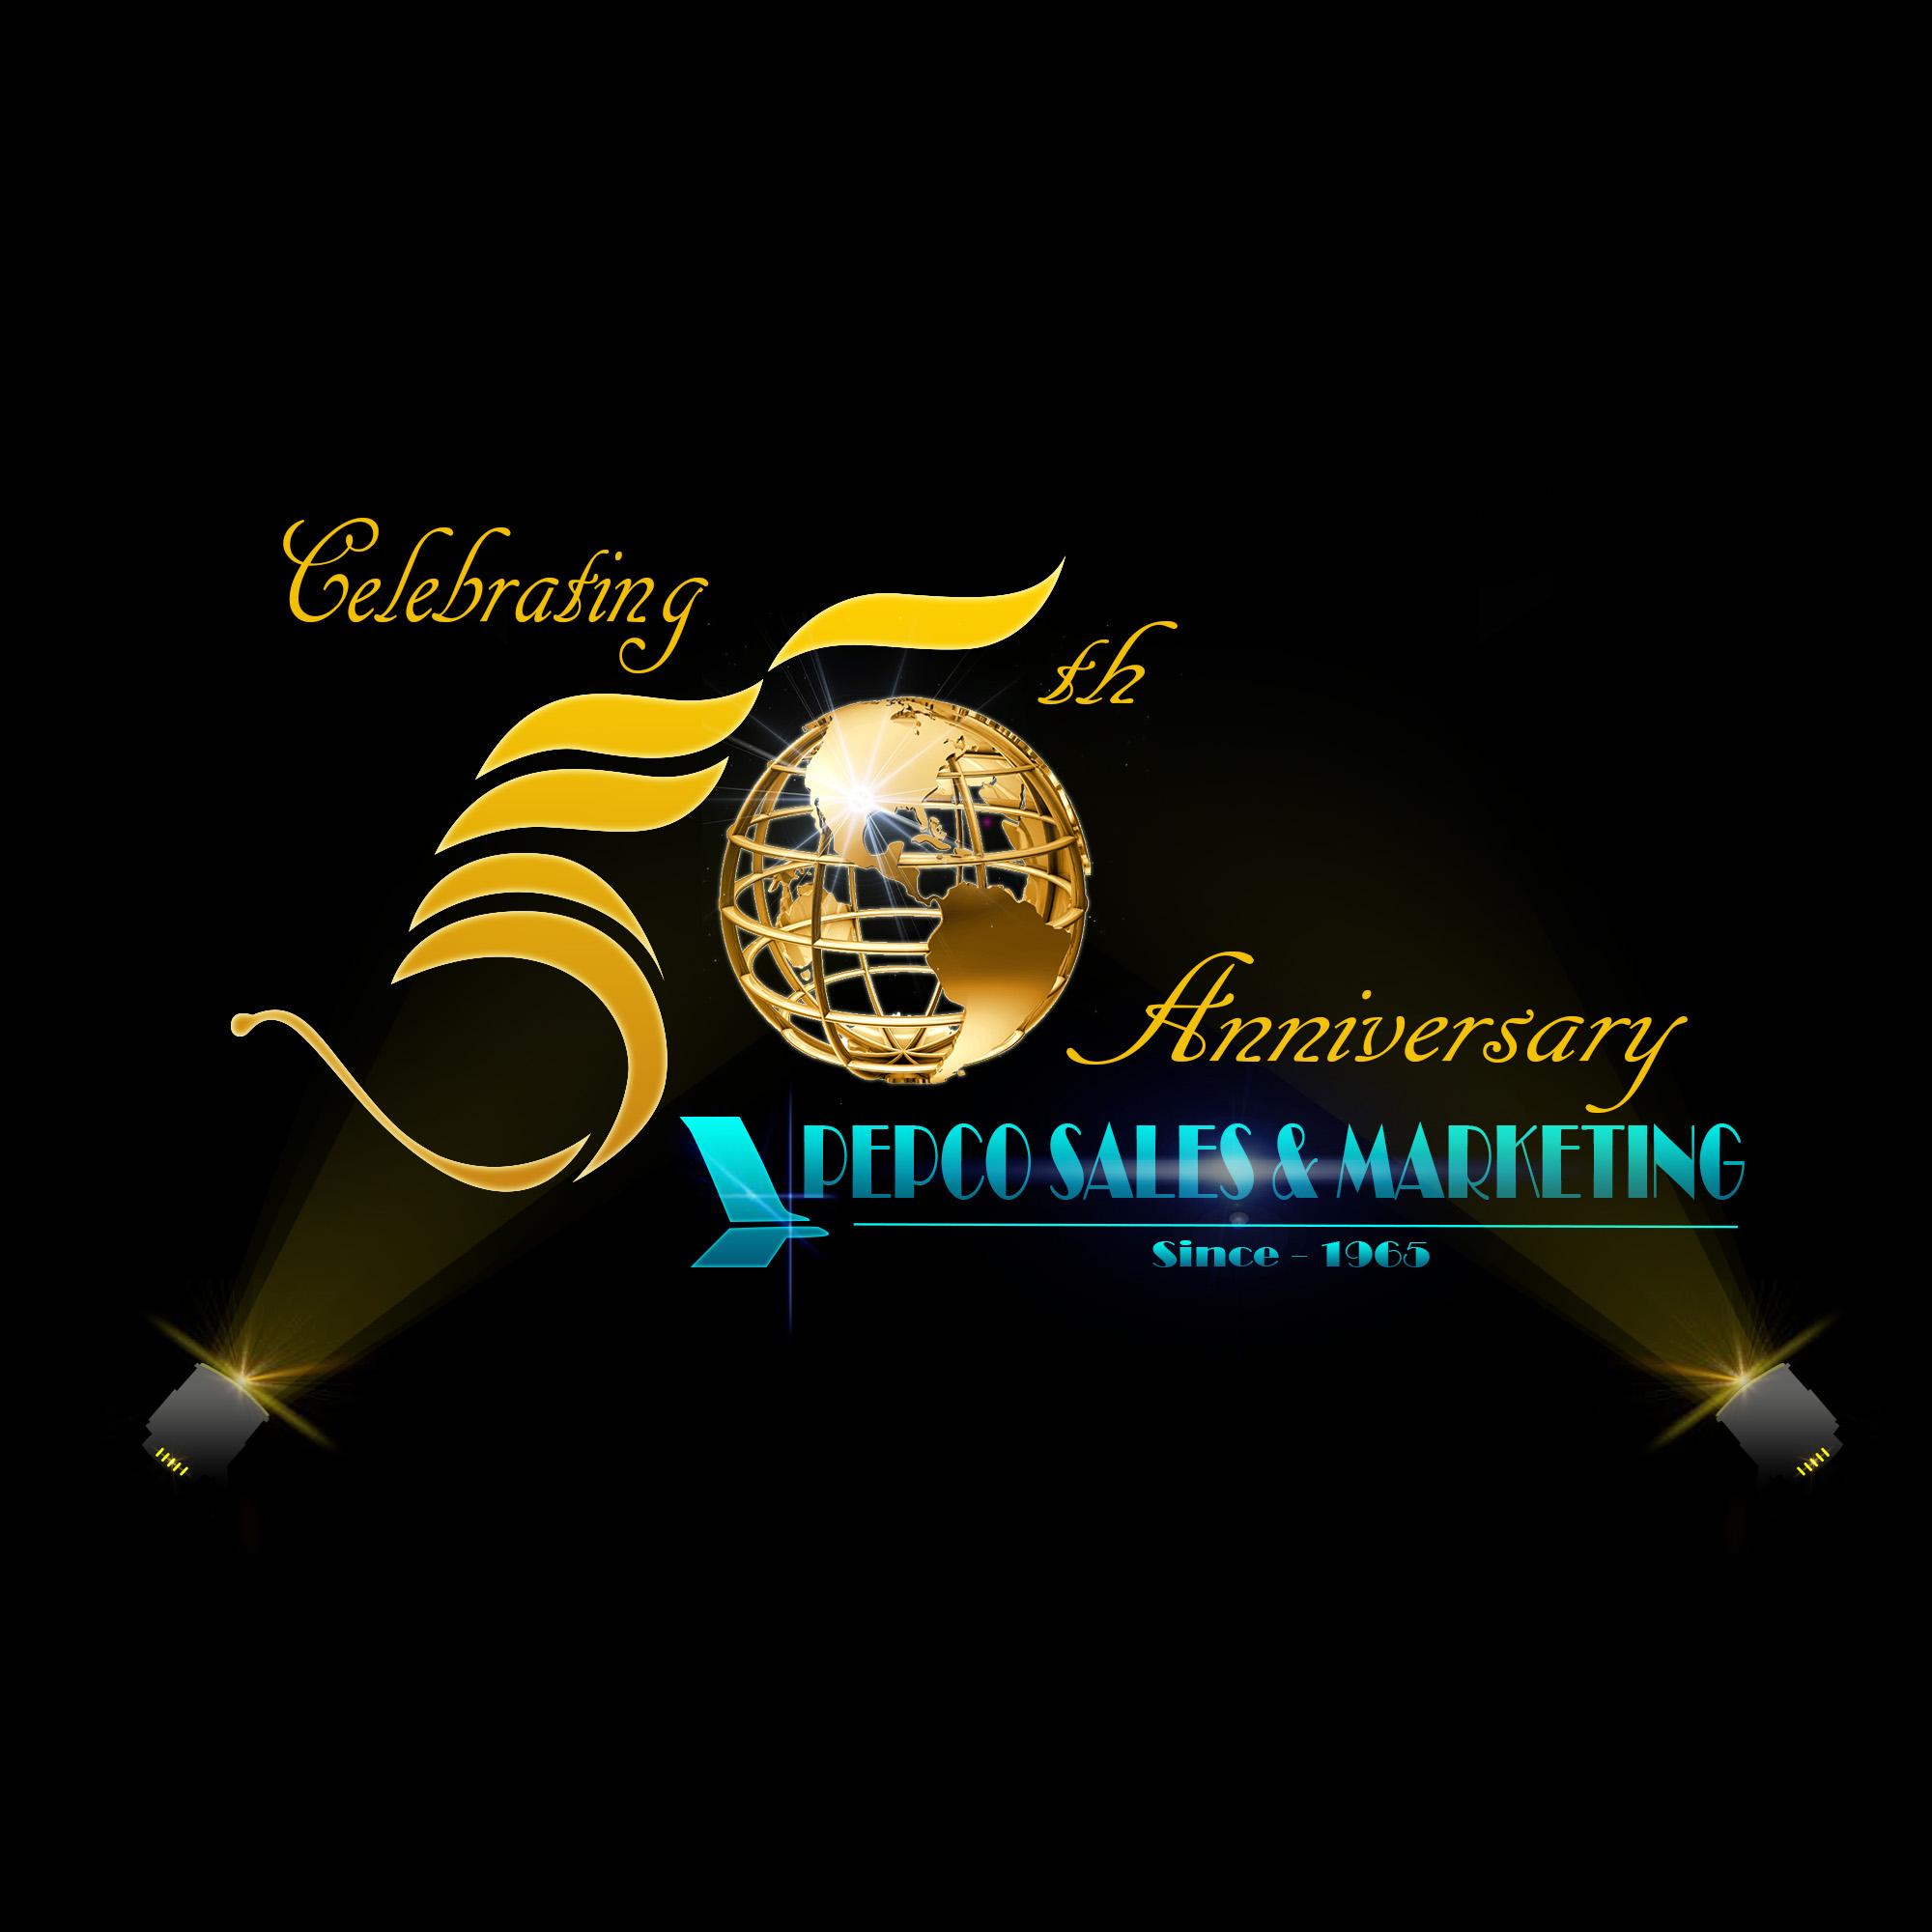 Logo Design by Elmar Mangadlao - Entry No. 12 in the Logo Design Contest 50th Anniversary Logo Design for Pepco Sales  & Marketing.